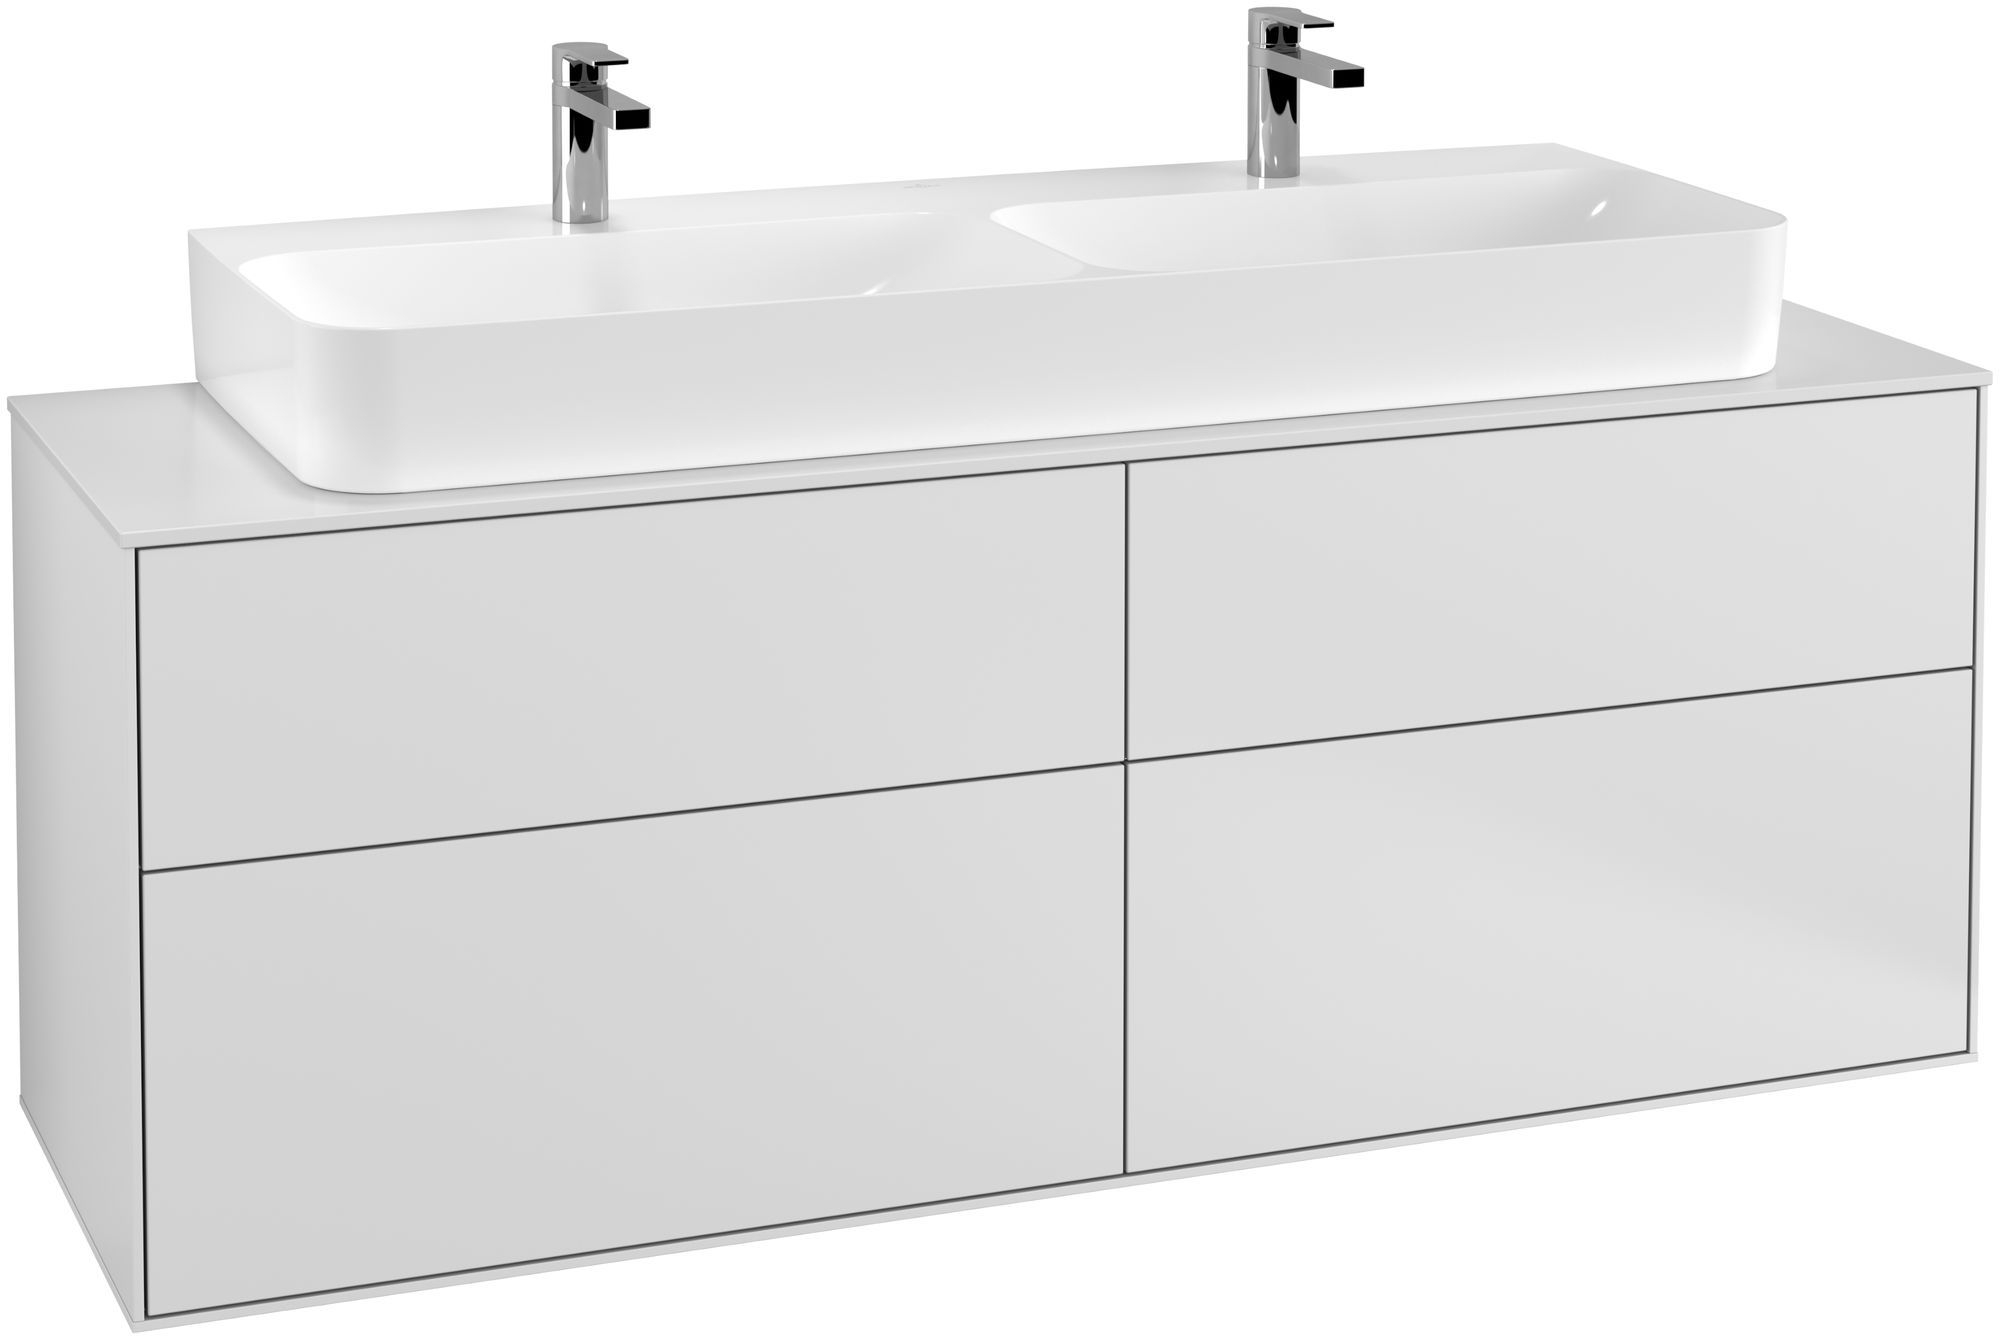 Villeroy & Boch Finion G20 Waschtischunterschrank 4 Auszüge Waschtisch mittig LED-Beleuchtung B:160xH:60,3xT:50,1cm Front, Korpus: Weiß Matt Soft Grey, Glasplatte: White Matt G20100MT